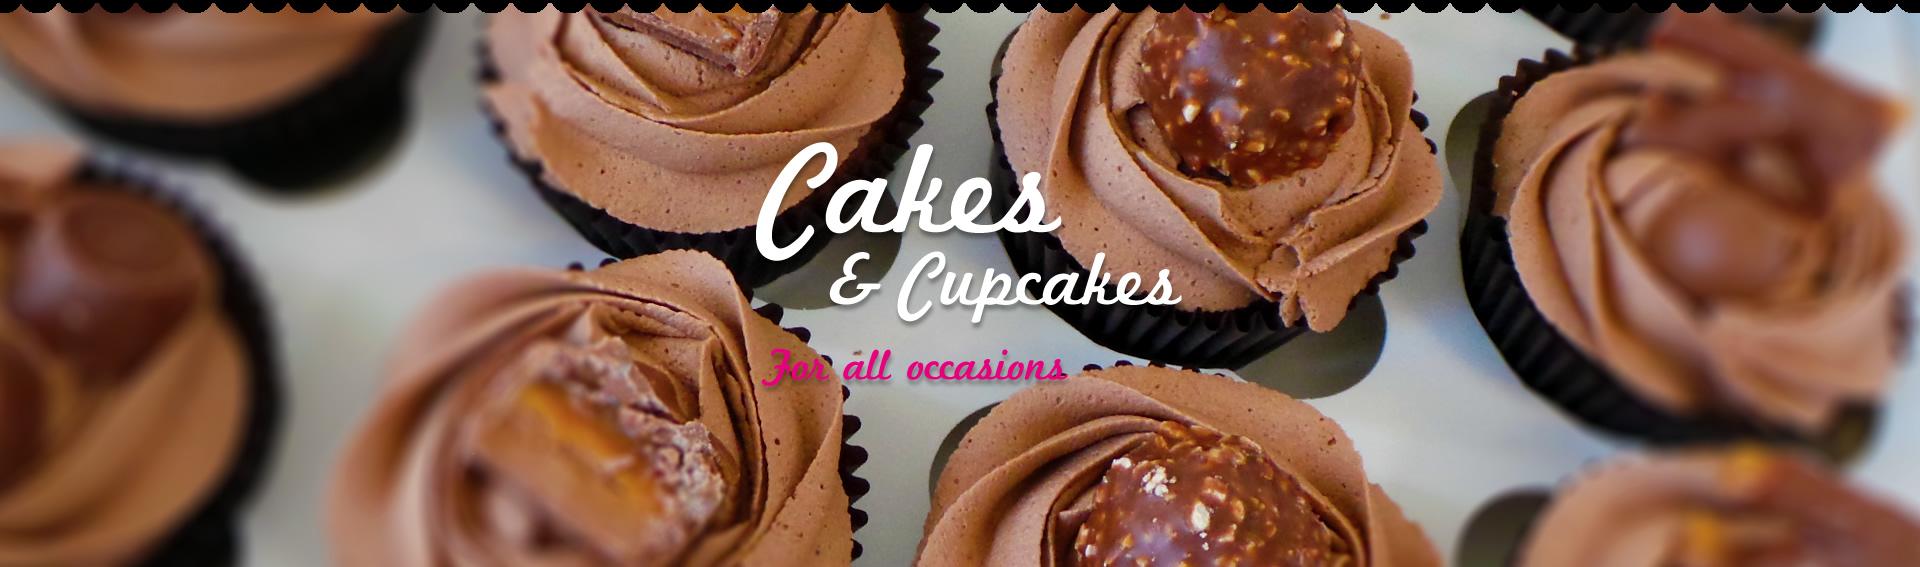 donnas-cake-kitchen-banner